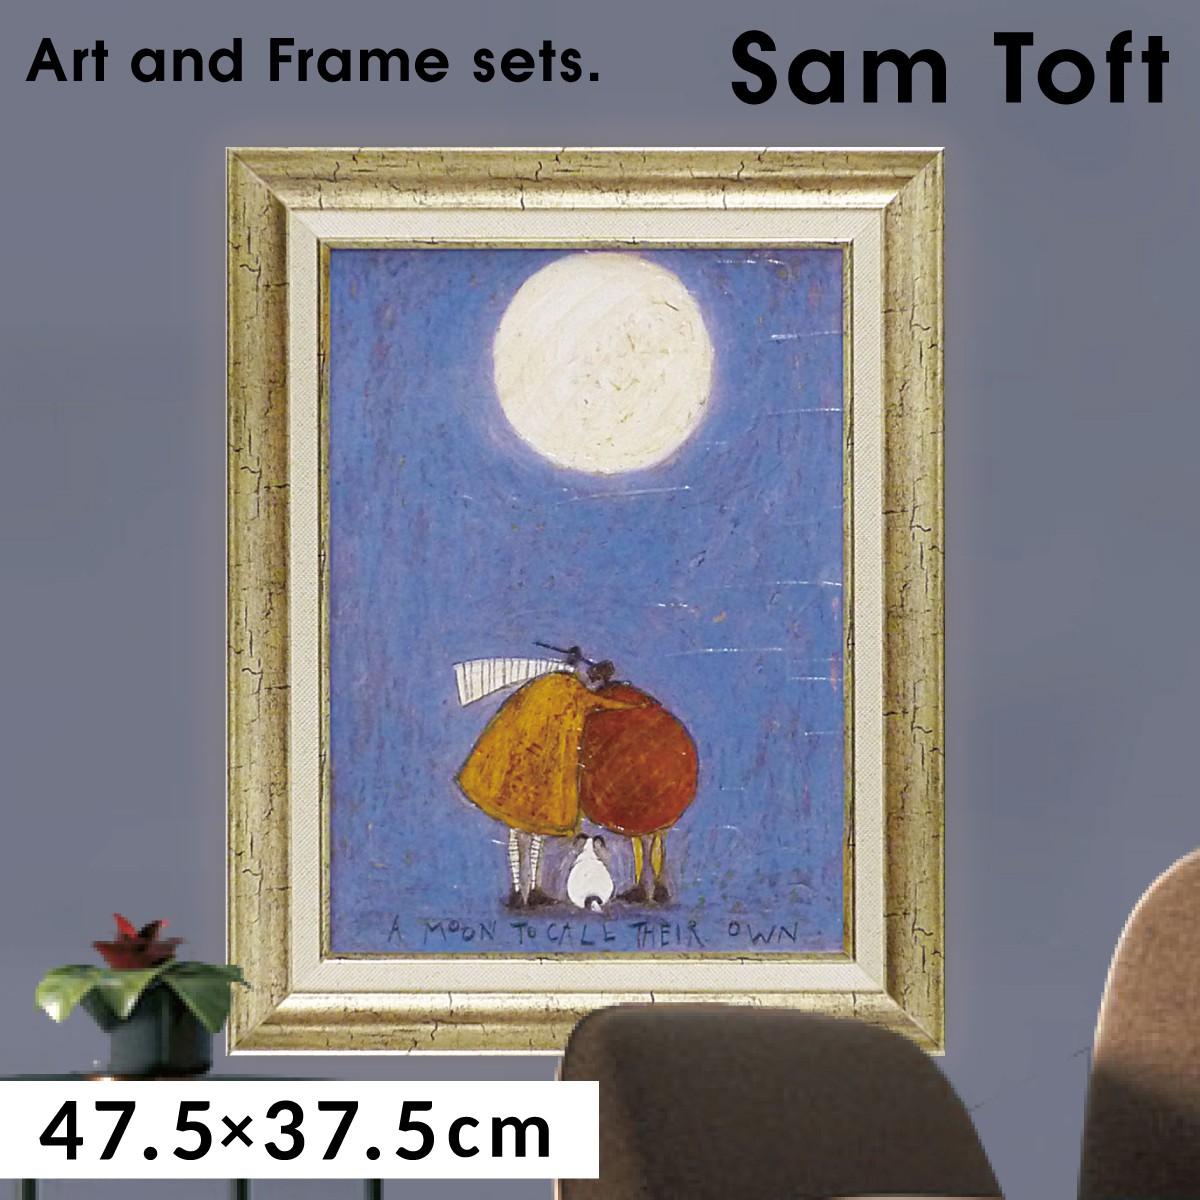 絵画 絵 インテリア 玄関 サムトフト 月夜のふたり ST-08008 誕生日 クリスマス